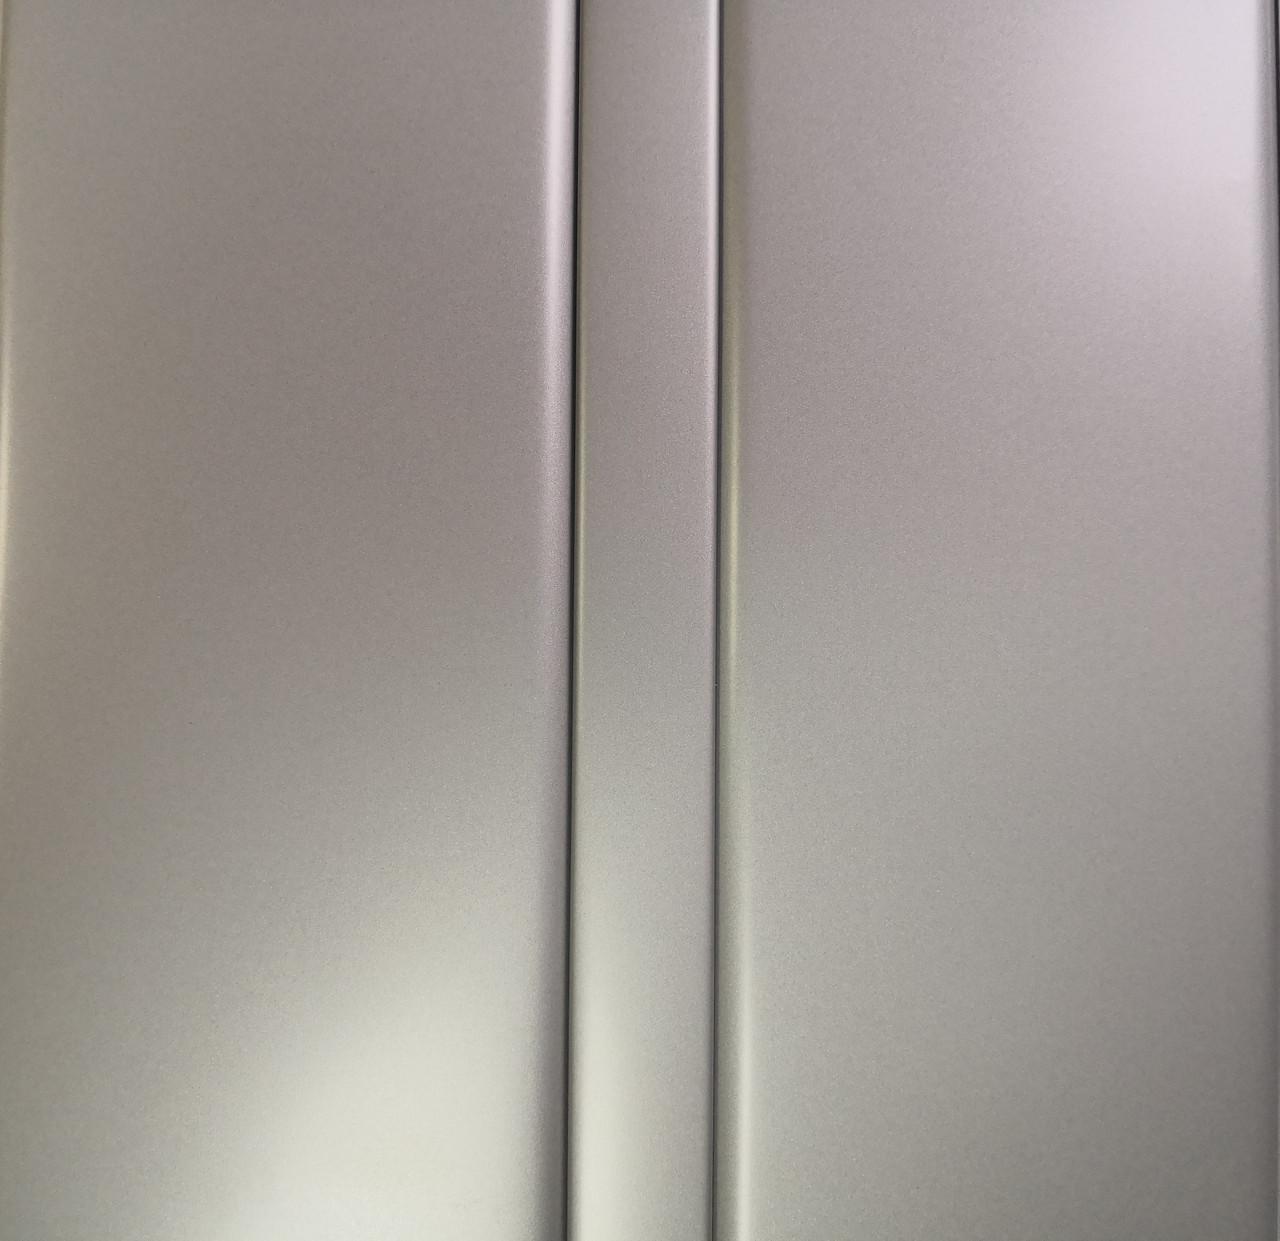 Рейкова алюмінієва стеля Allux срібло металік комплект 180 см х 330 см